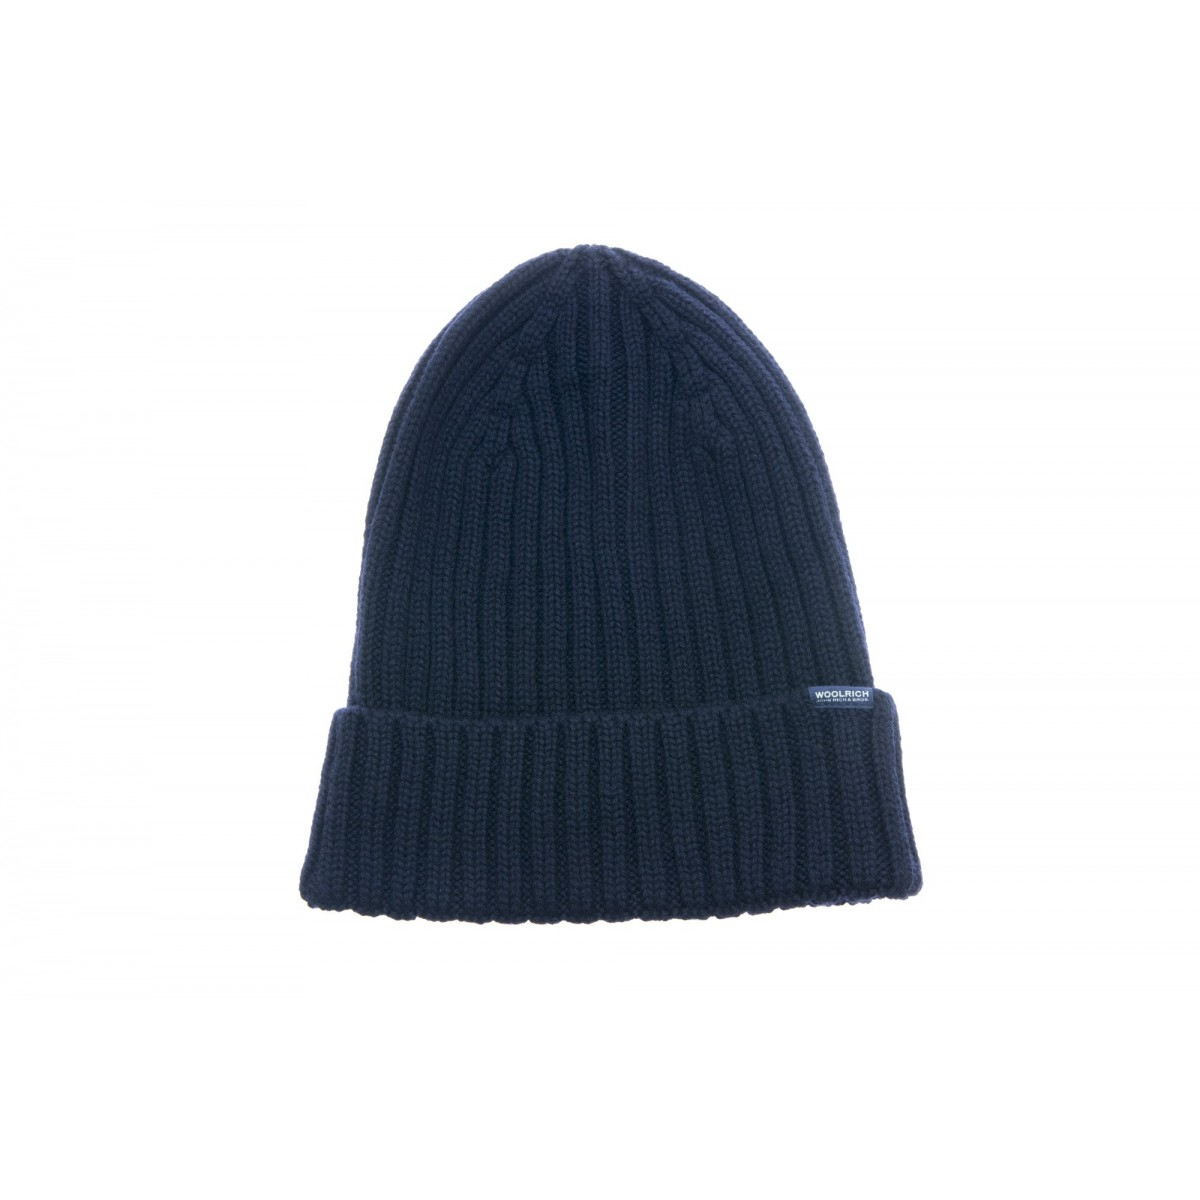 Berretto - WOACC1373 berretto lana